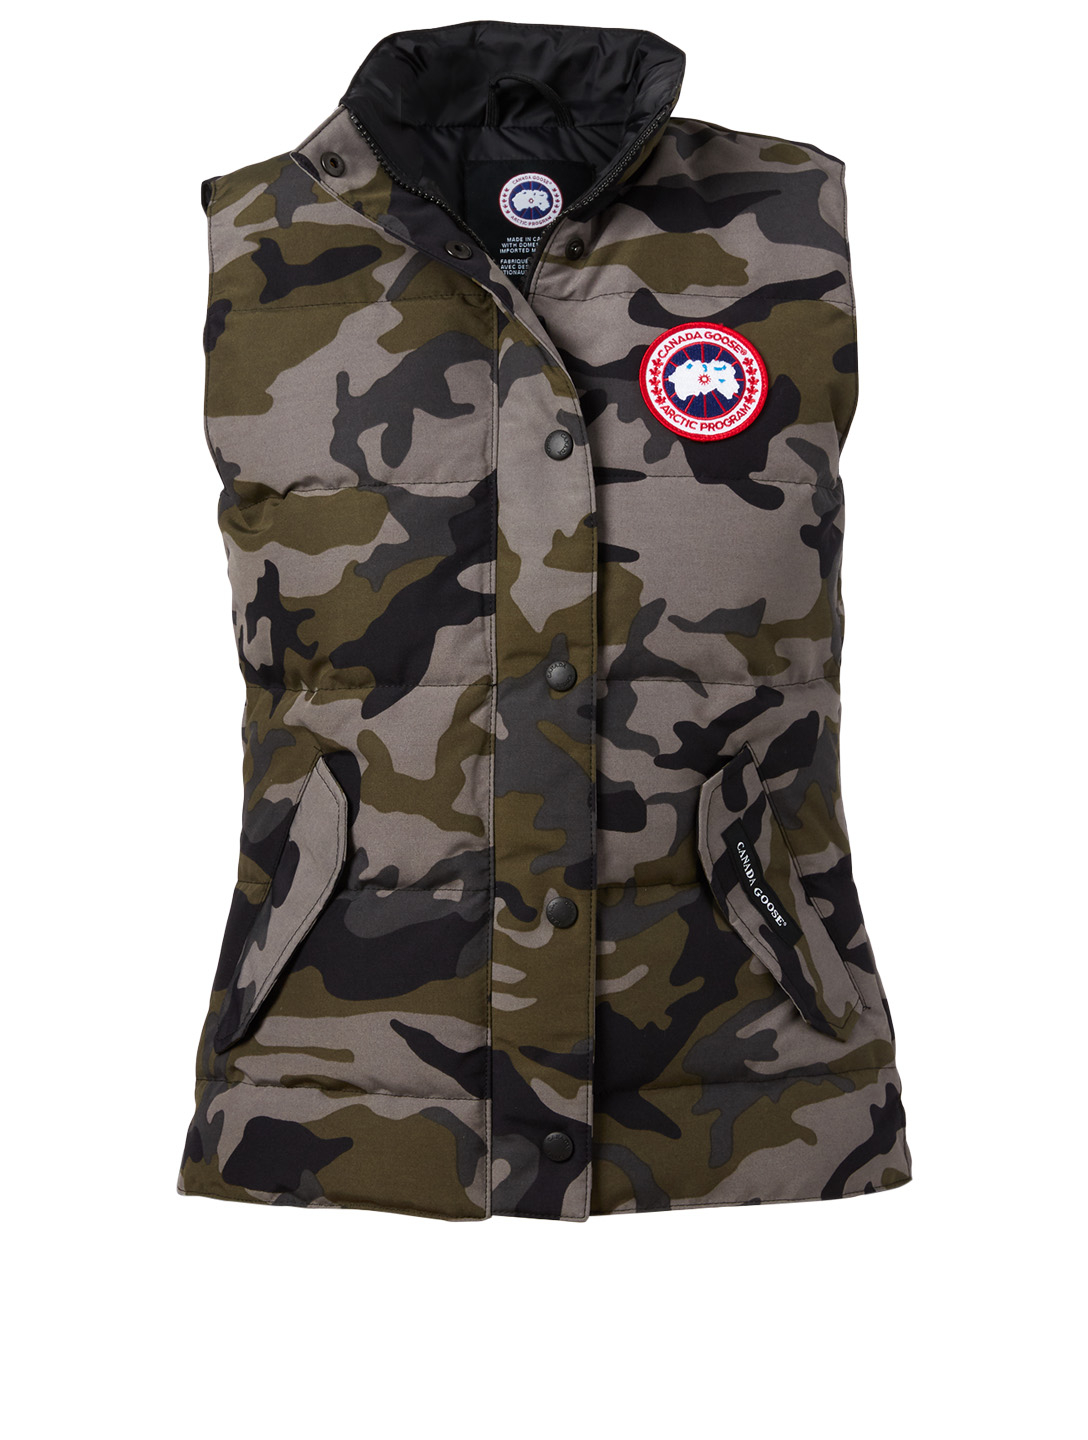 CANADA GOOSE Gilet Freestyle en duvet à imprimé camouflage